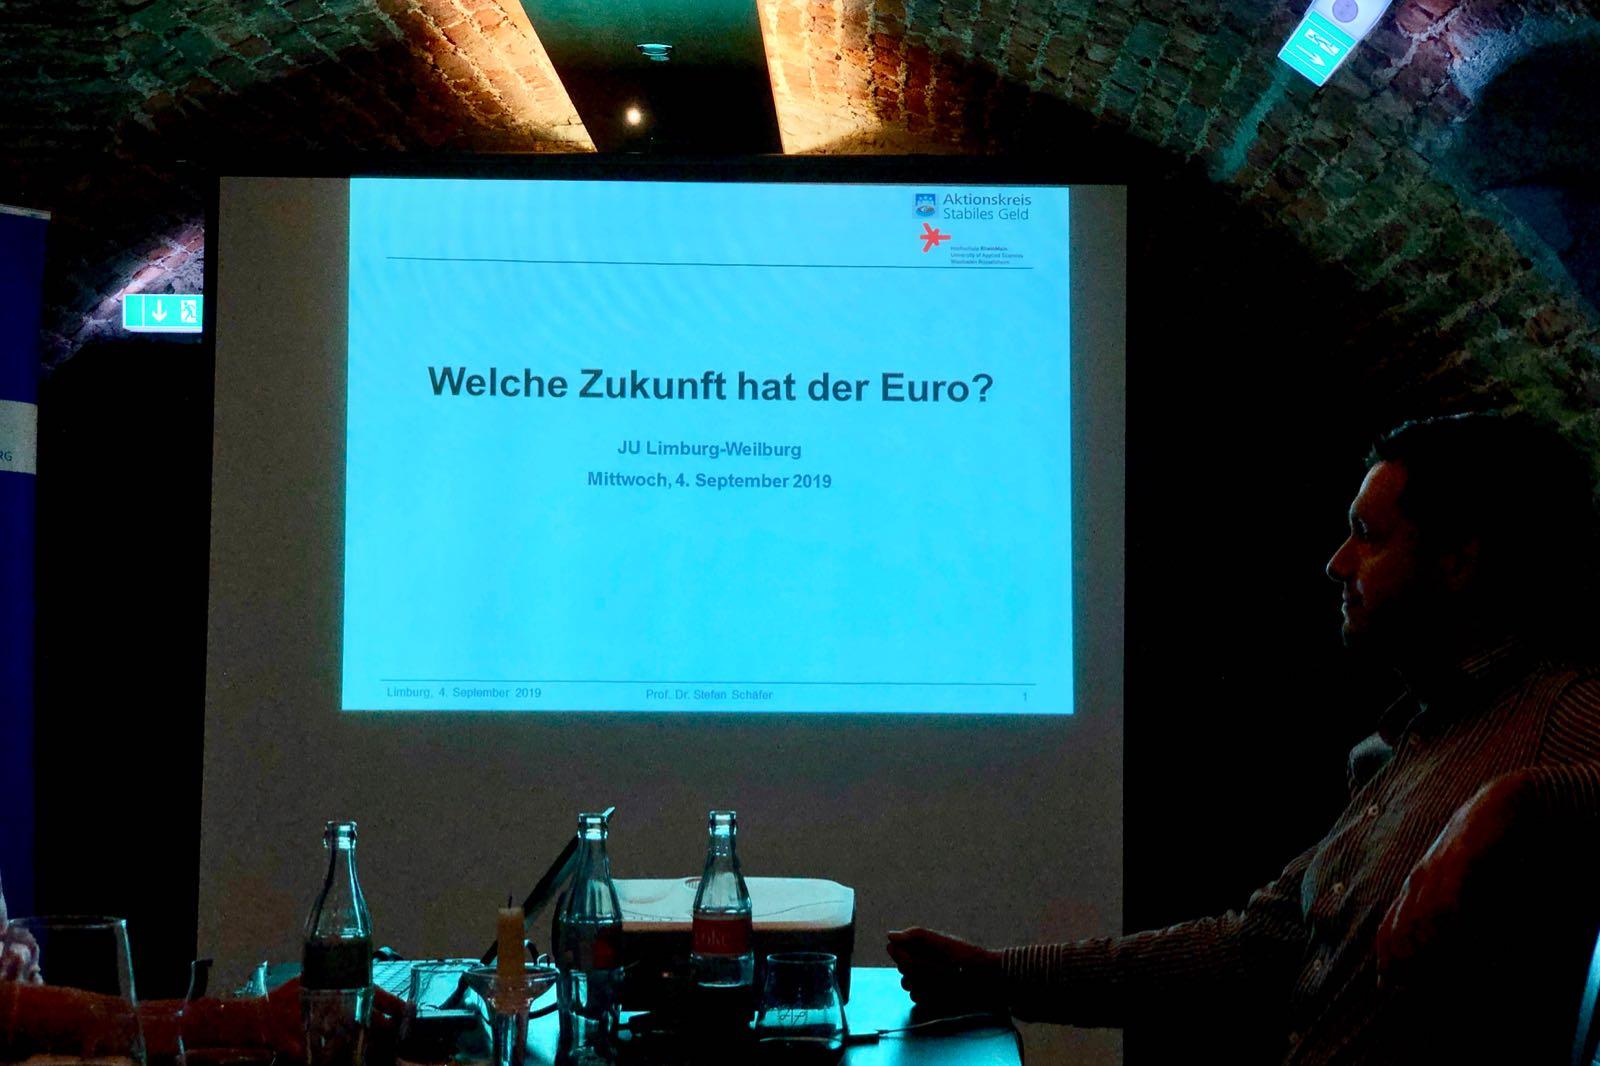 Welche Zukunft hat der Euro?